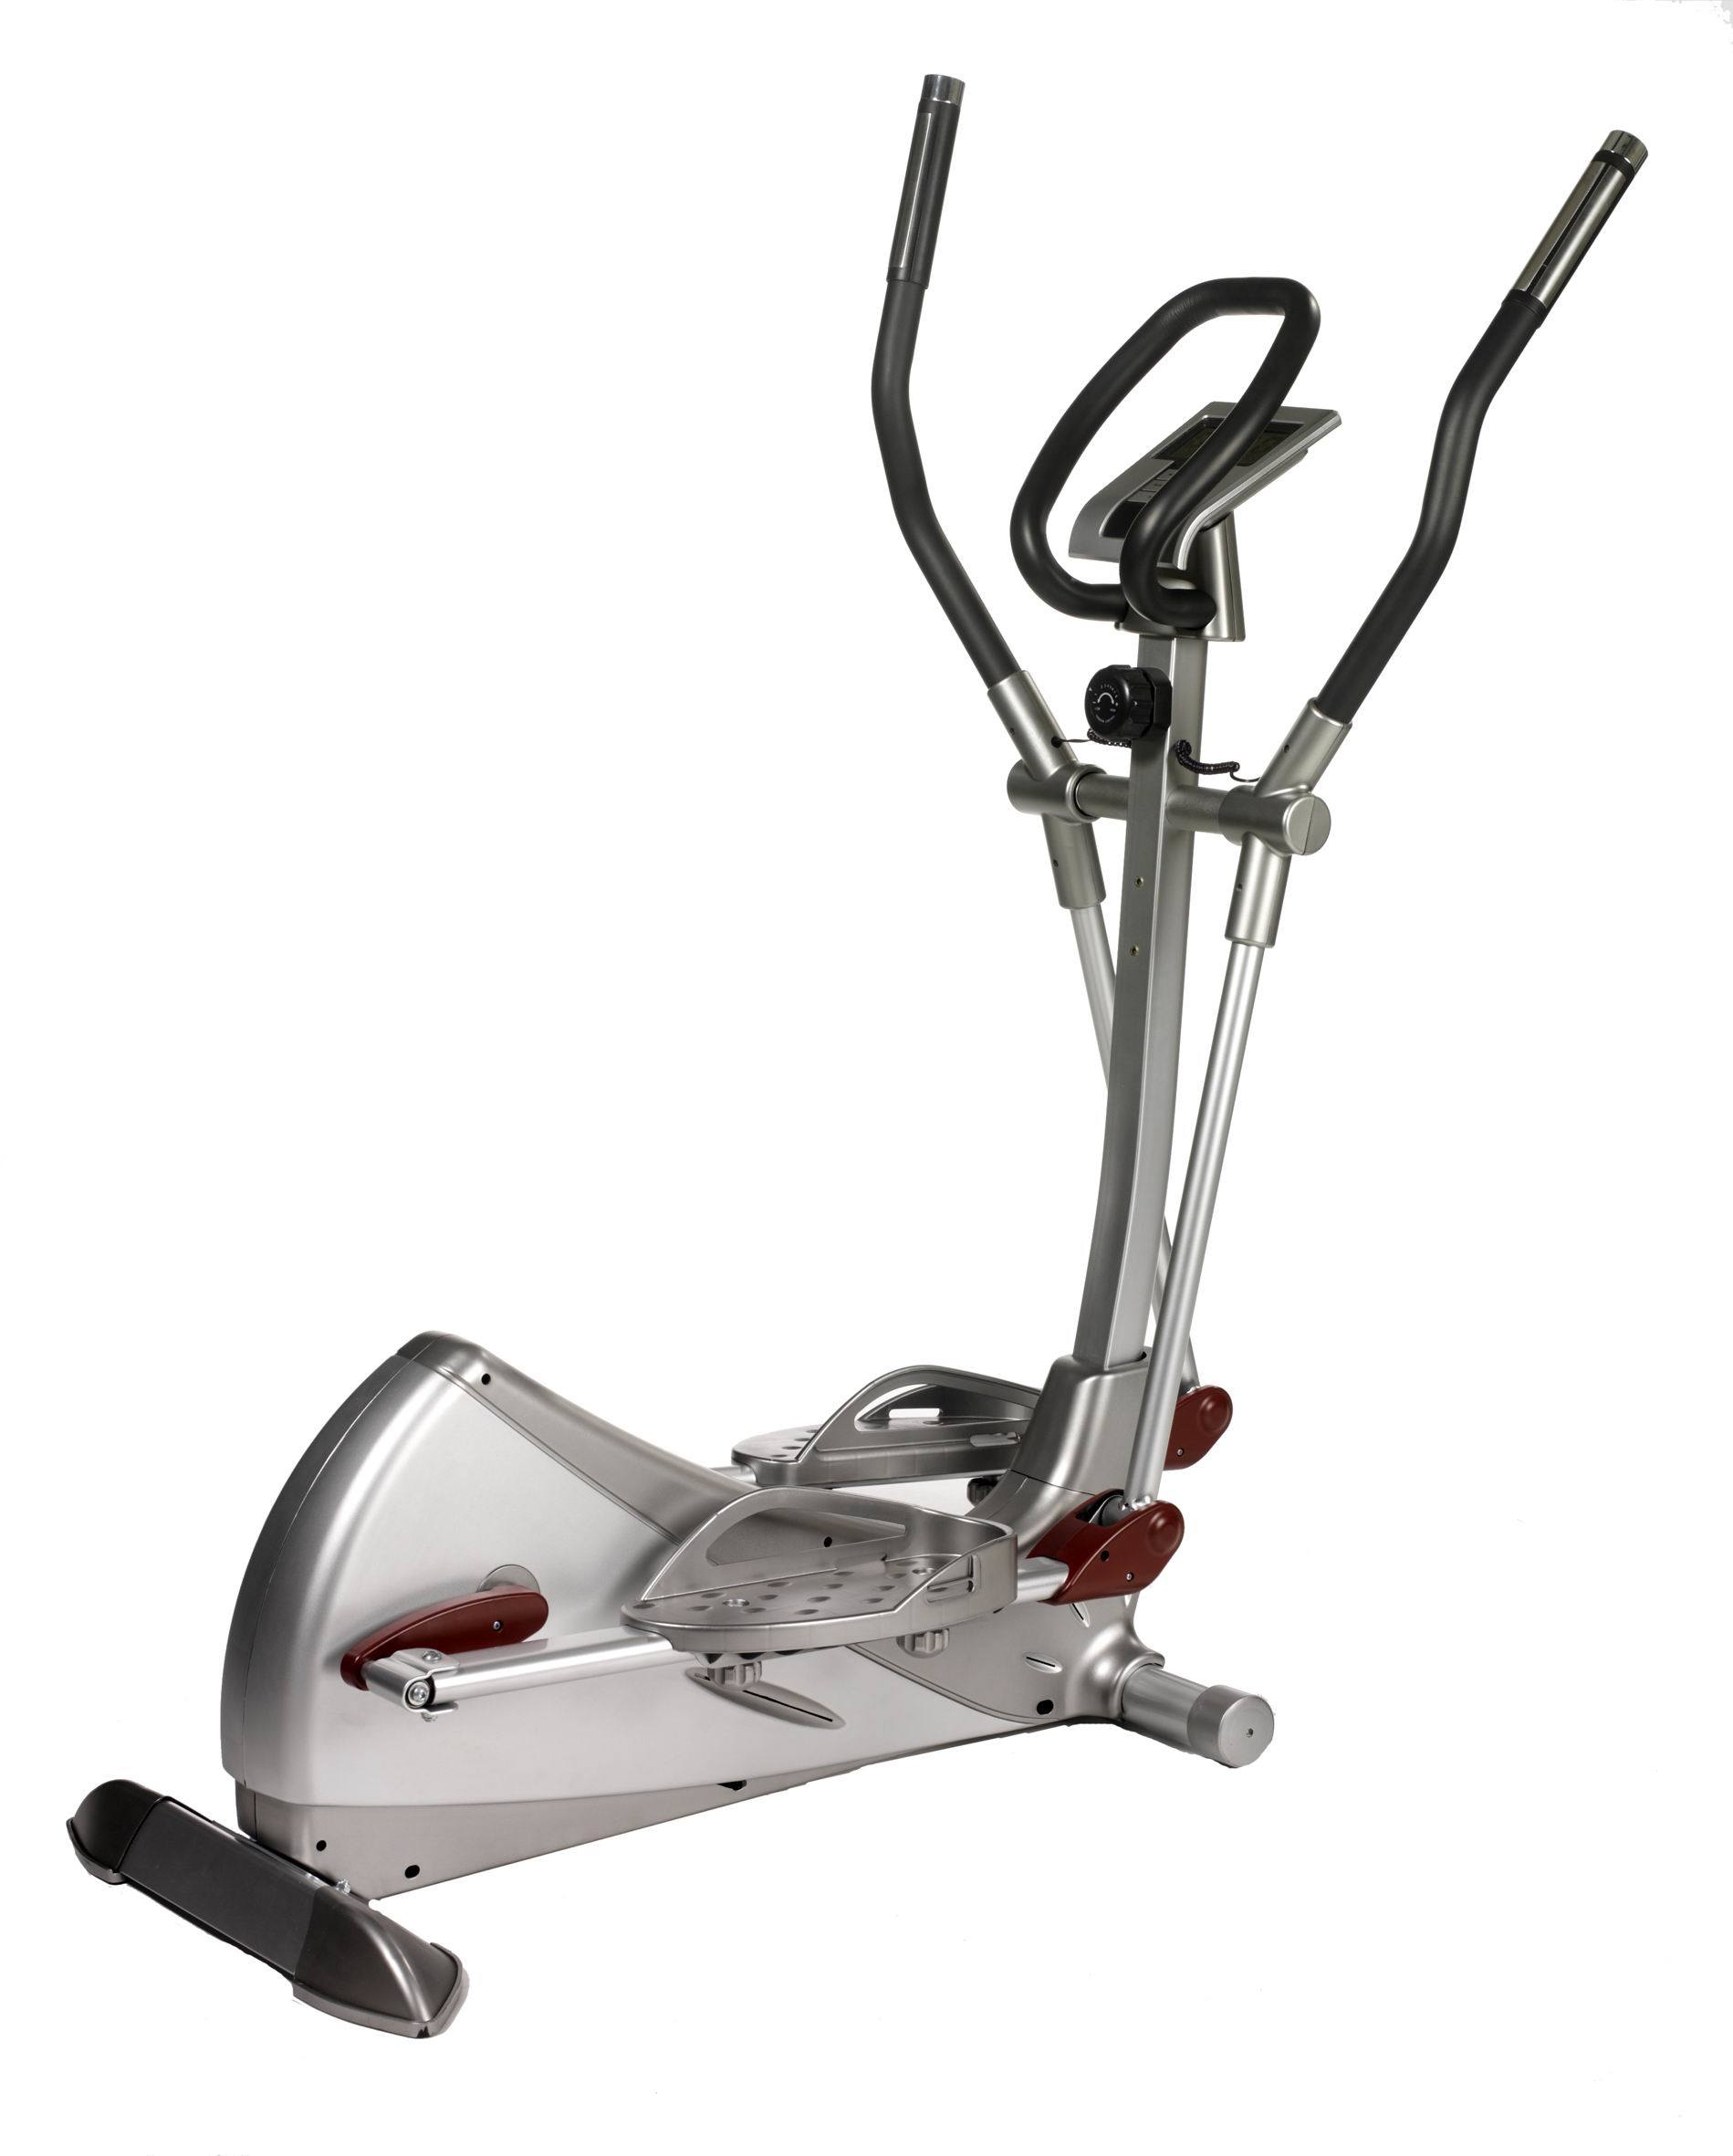 Elliptical Bike For Home Use: Bike Gym